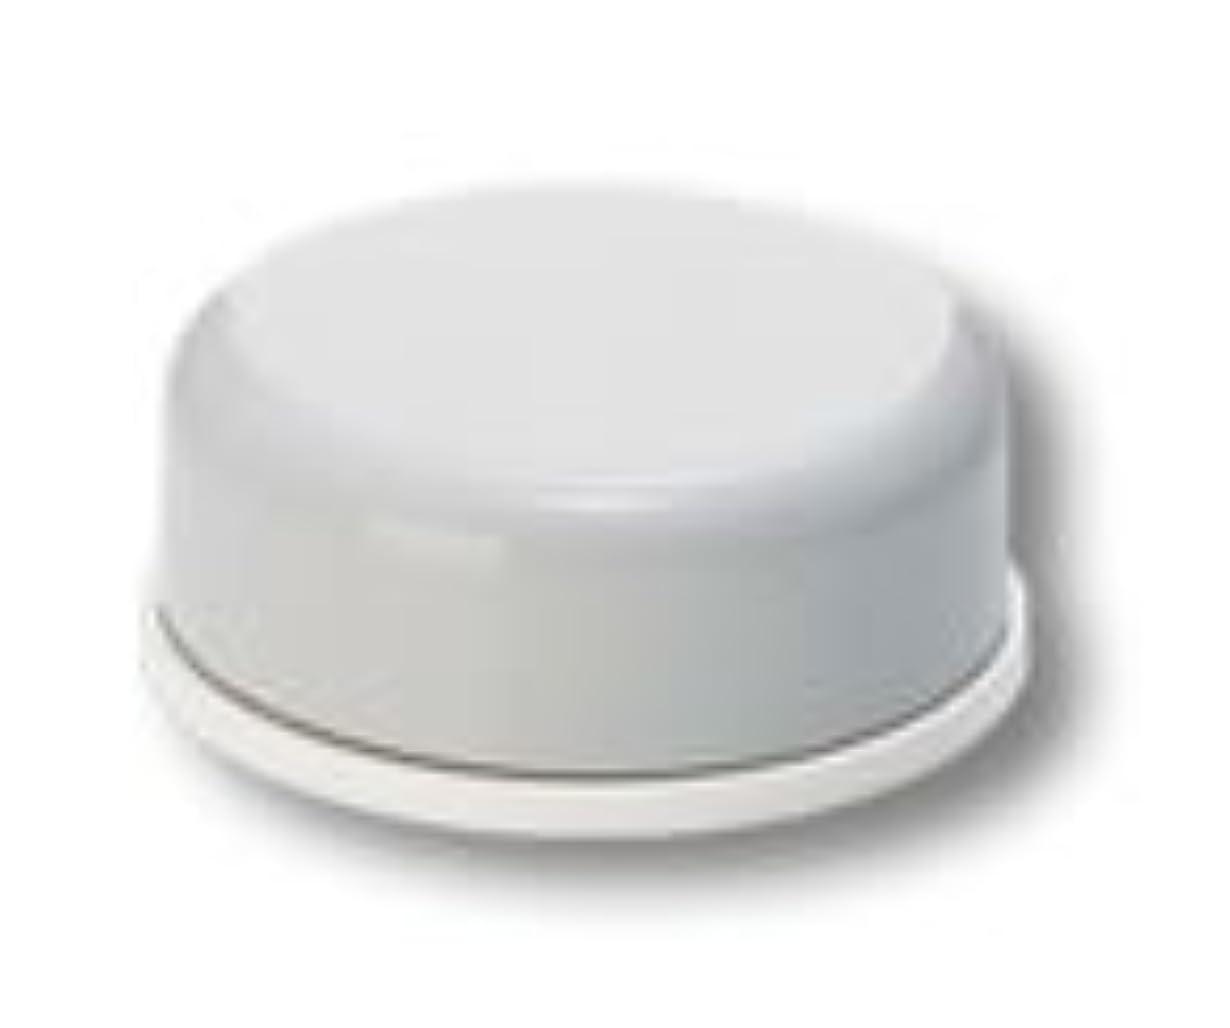 集める周波数に渡ってカシー化粧品 (CATHY) リポルテ スポット ケア 6g